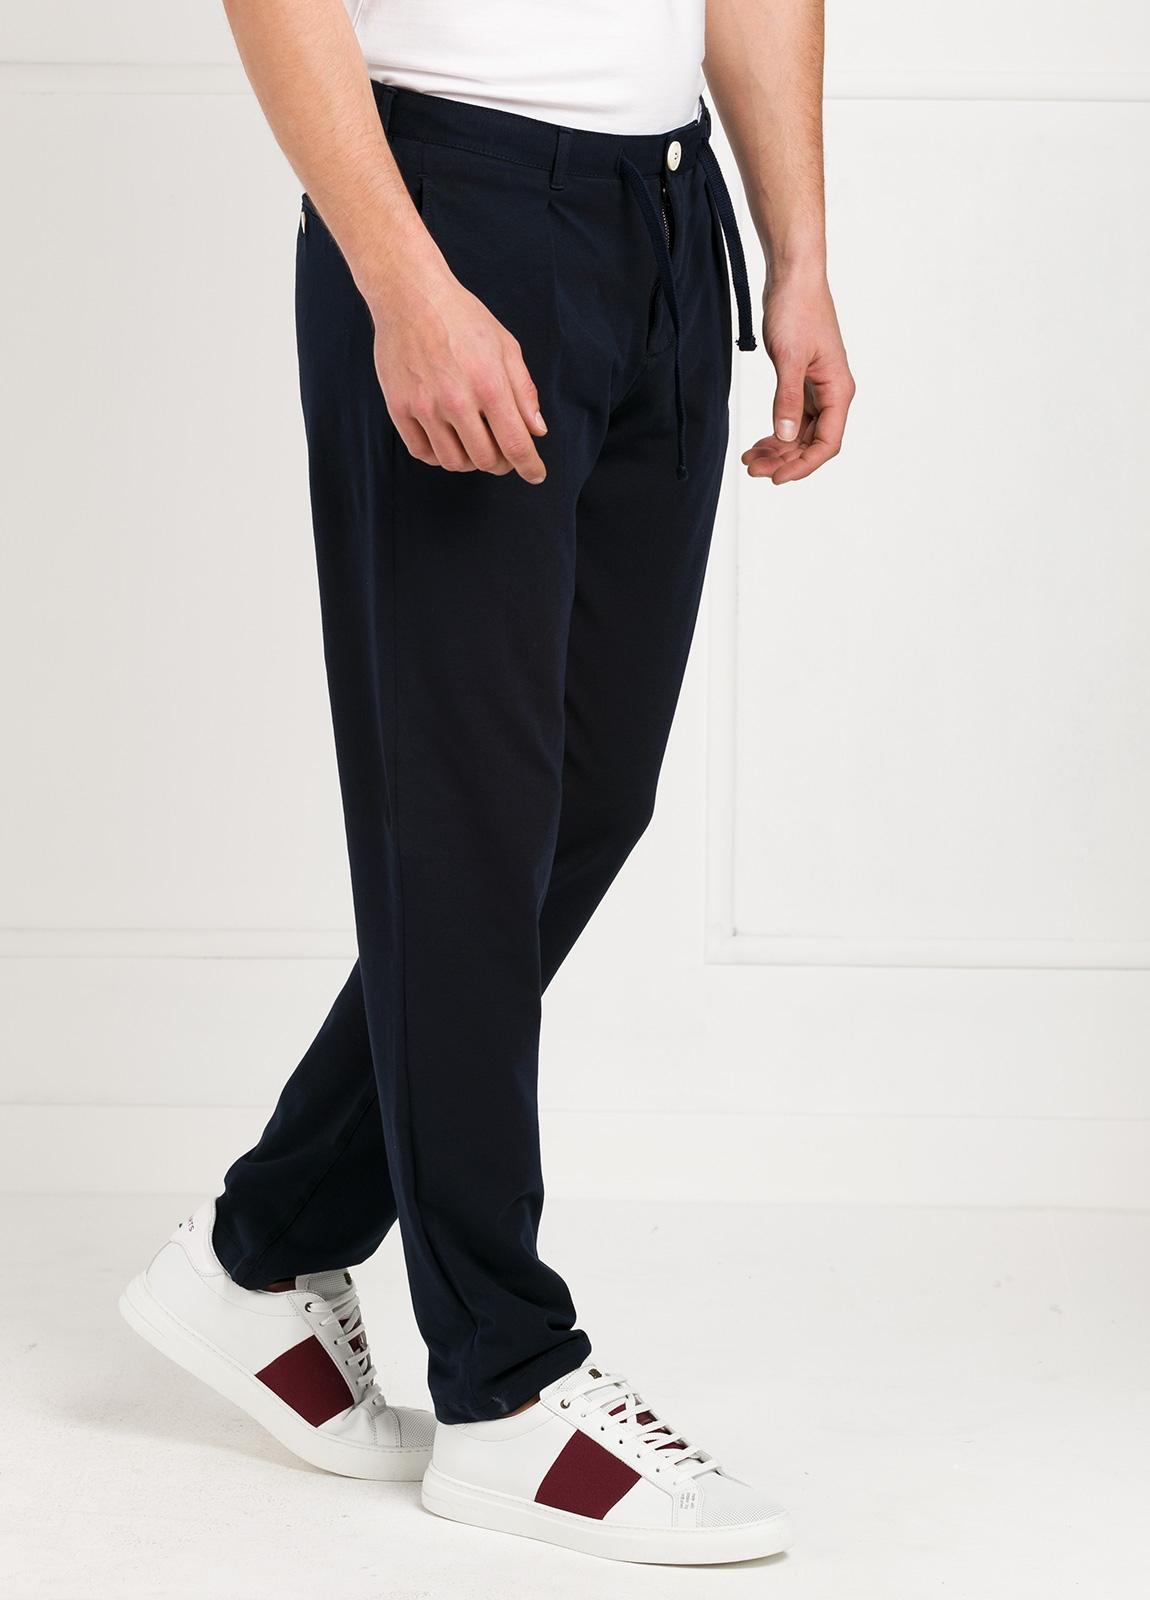 Pantalón de punto color azul marino. 96% Algodón 4% Elastano. - Ítem3